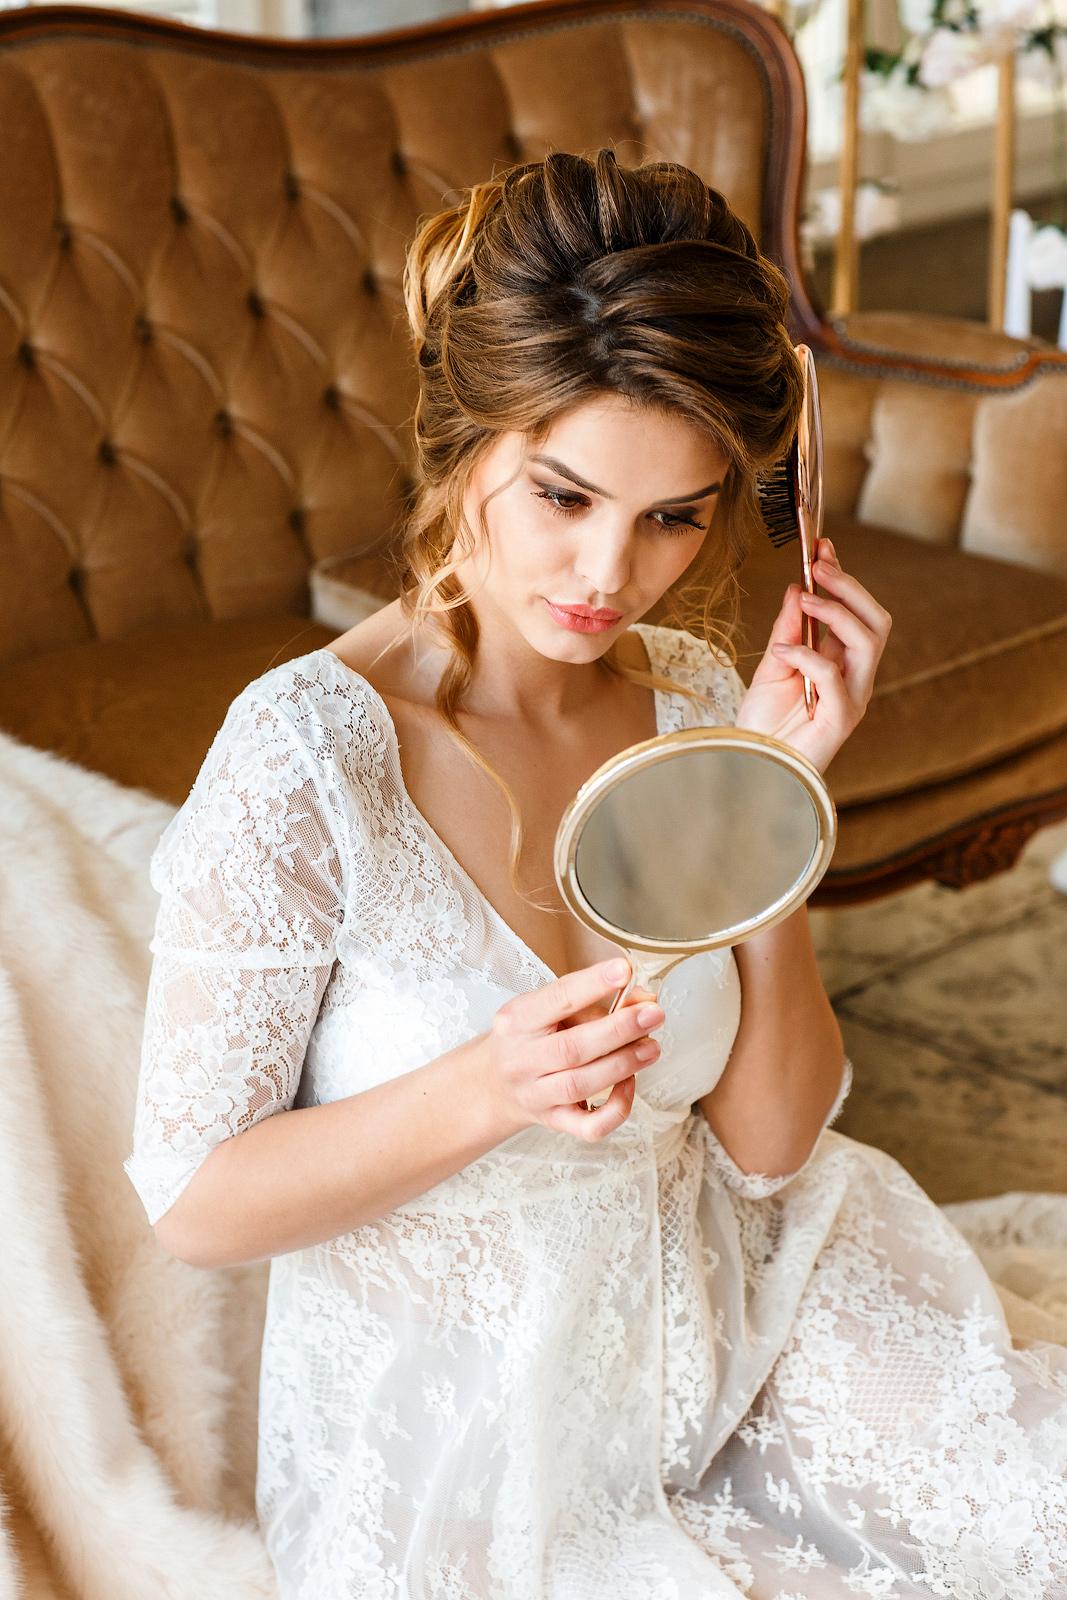 Braut-Boudoir Fotoshooting im Luxushotel mit Boudoirfotografin.